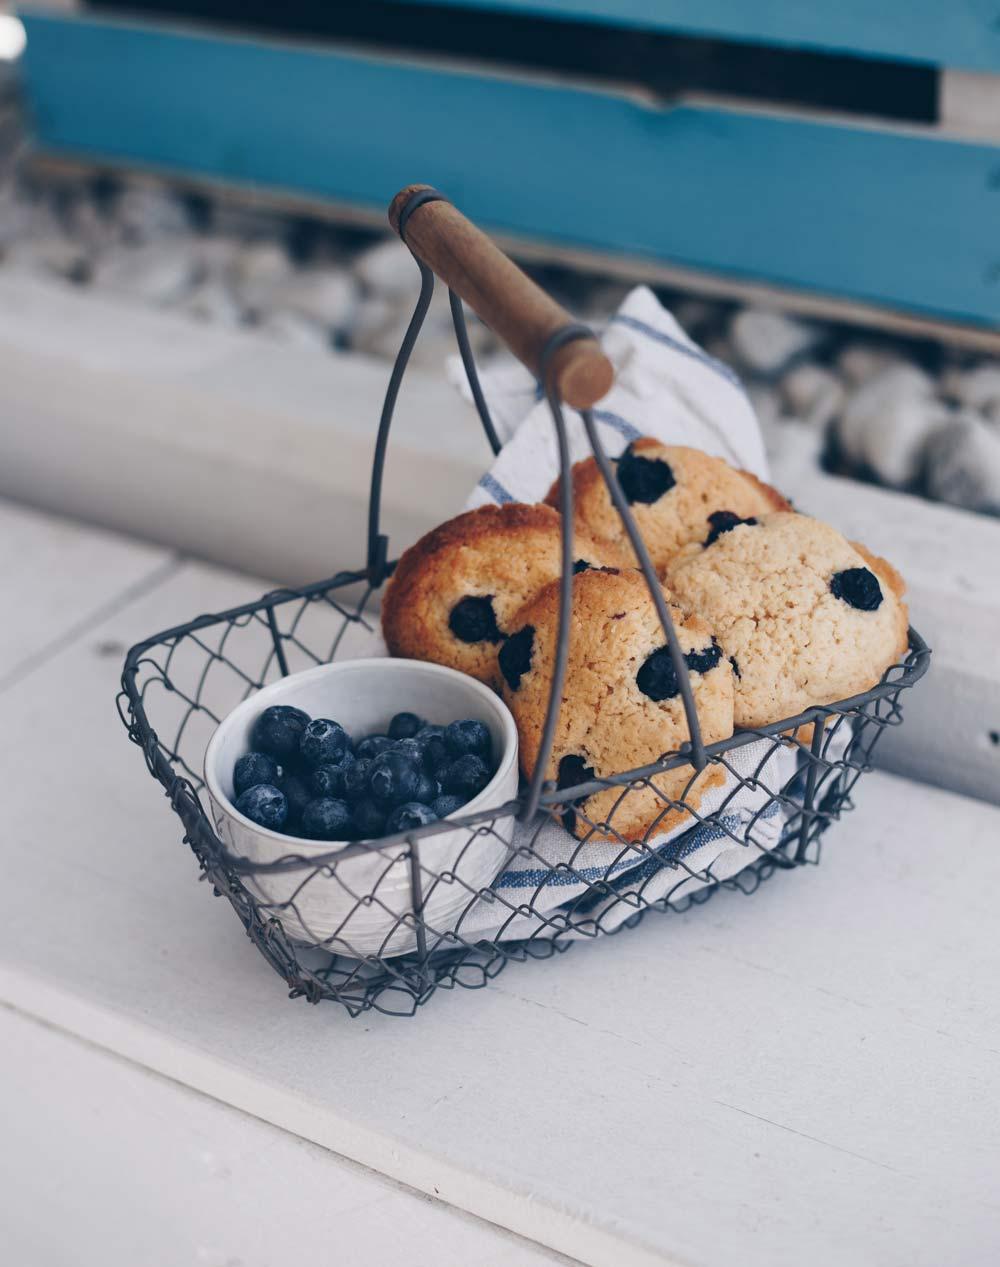 Zitronen-Cookies mit Blaubeeren backen - Rezeptidee